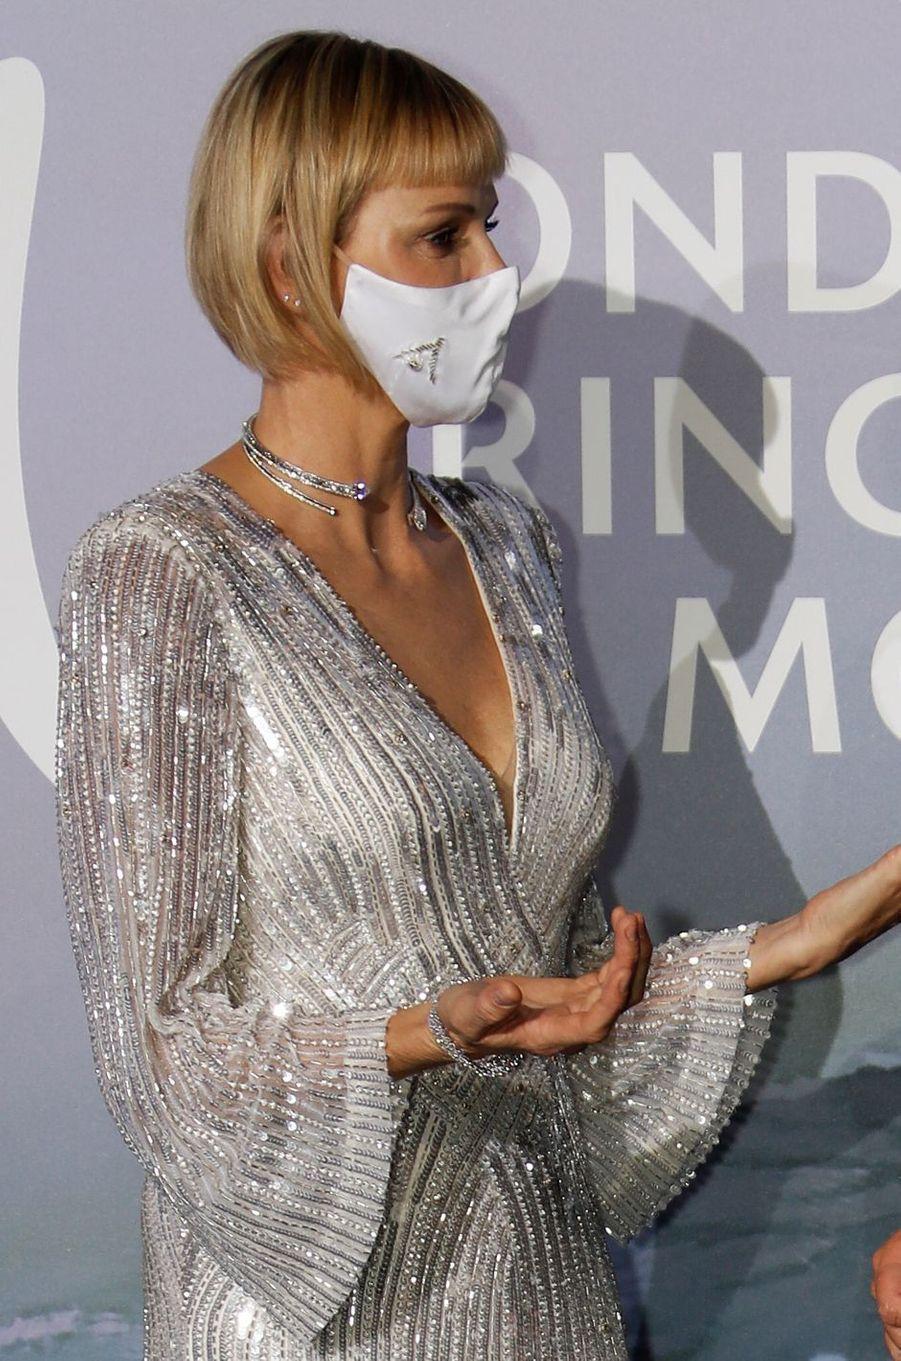 Détail du masque de la princesse Charlène de Monaco, à Monaco le 24 septembre 2020